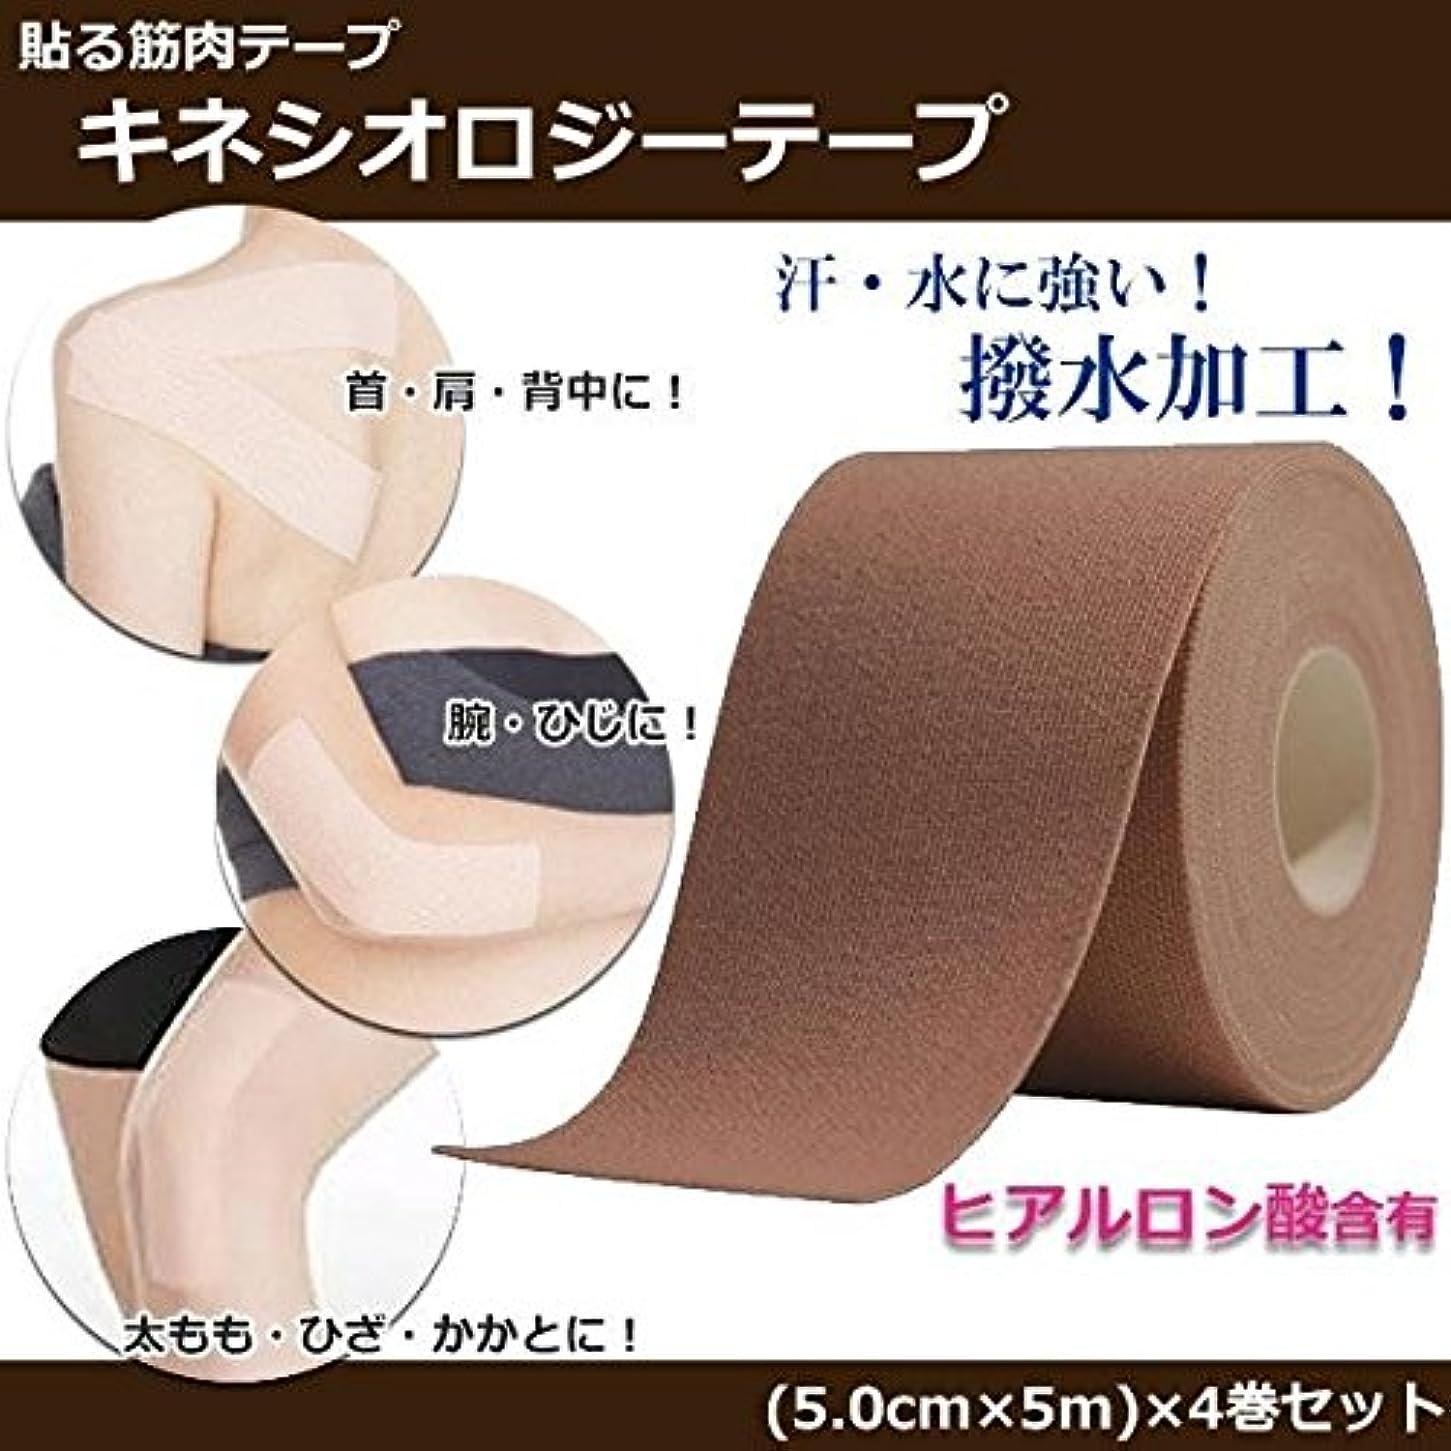 たっぷりフォアマン誕生貼る筋肉テープ キネシオロジーテープ ヒアルロン酸含有 日本製 4巻セット